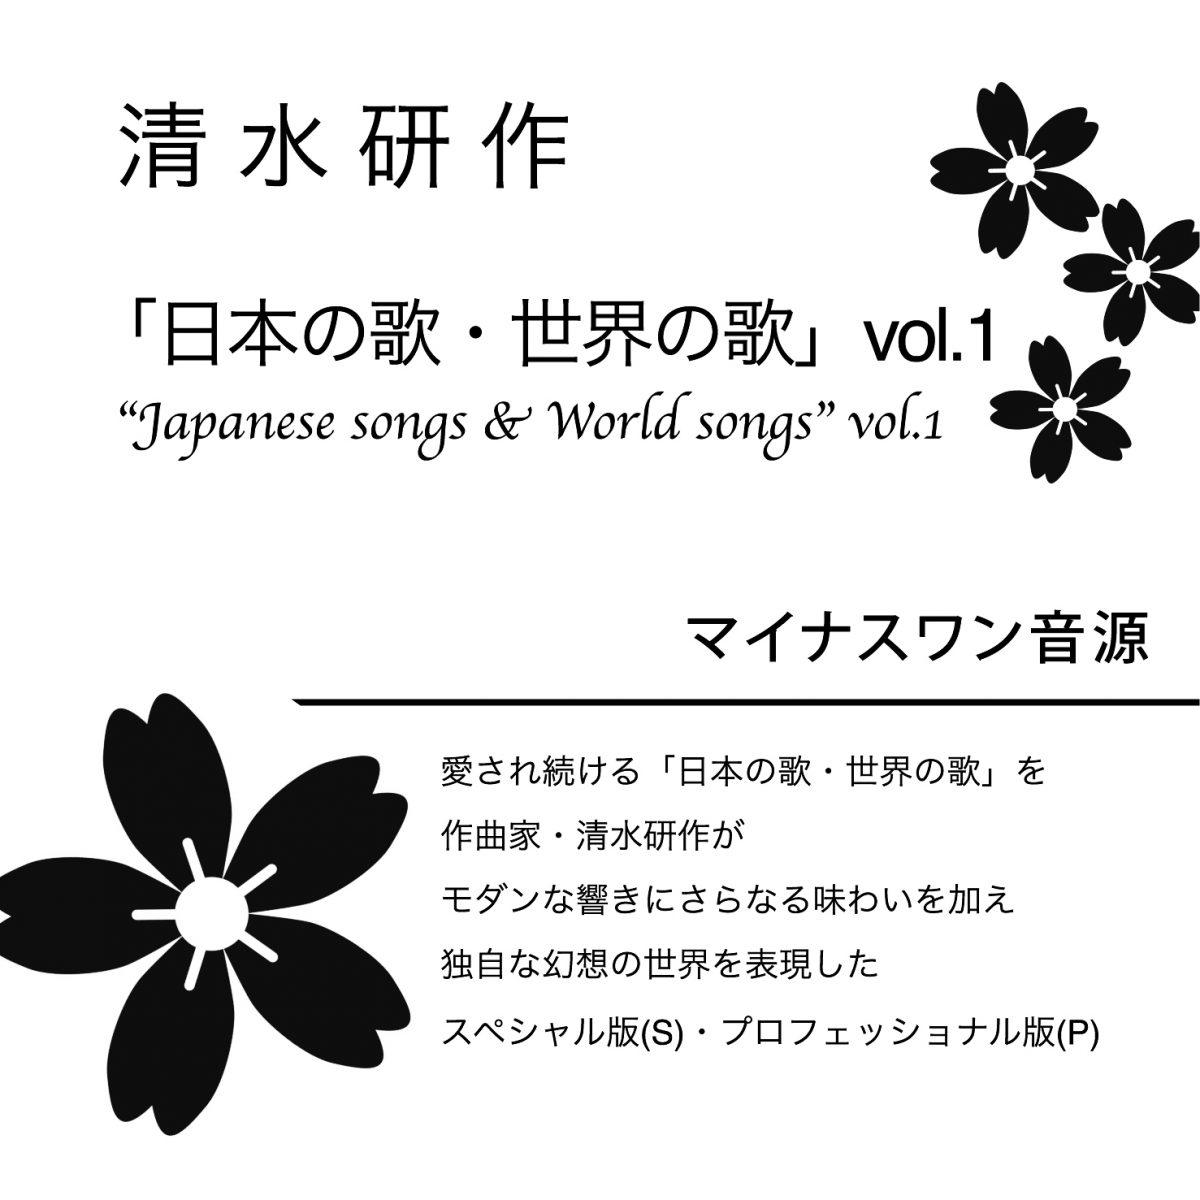 【マイナスワン音源】清水研作 『日本の歌・世界の歌』 Vol.1